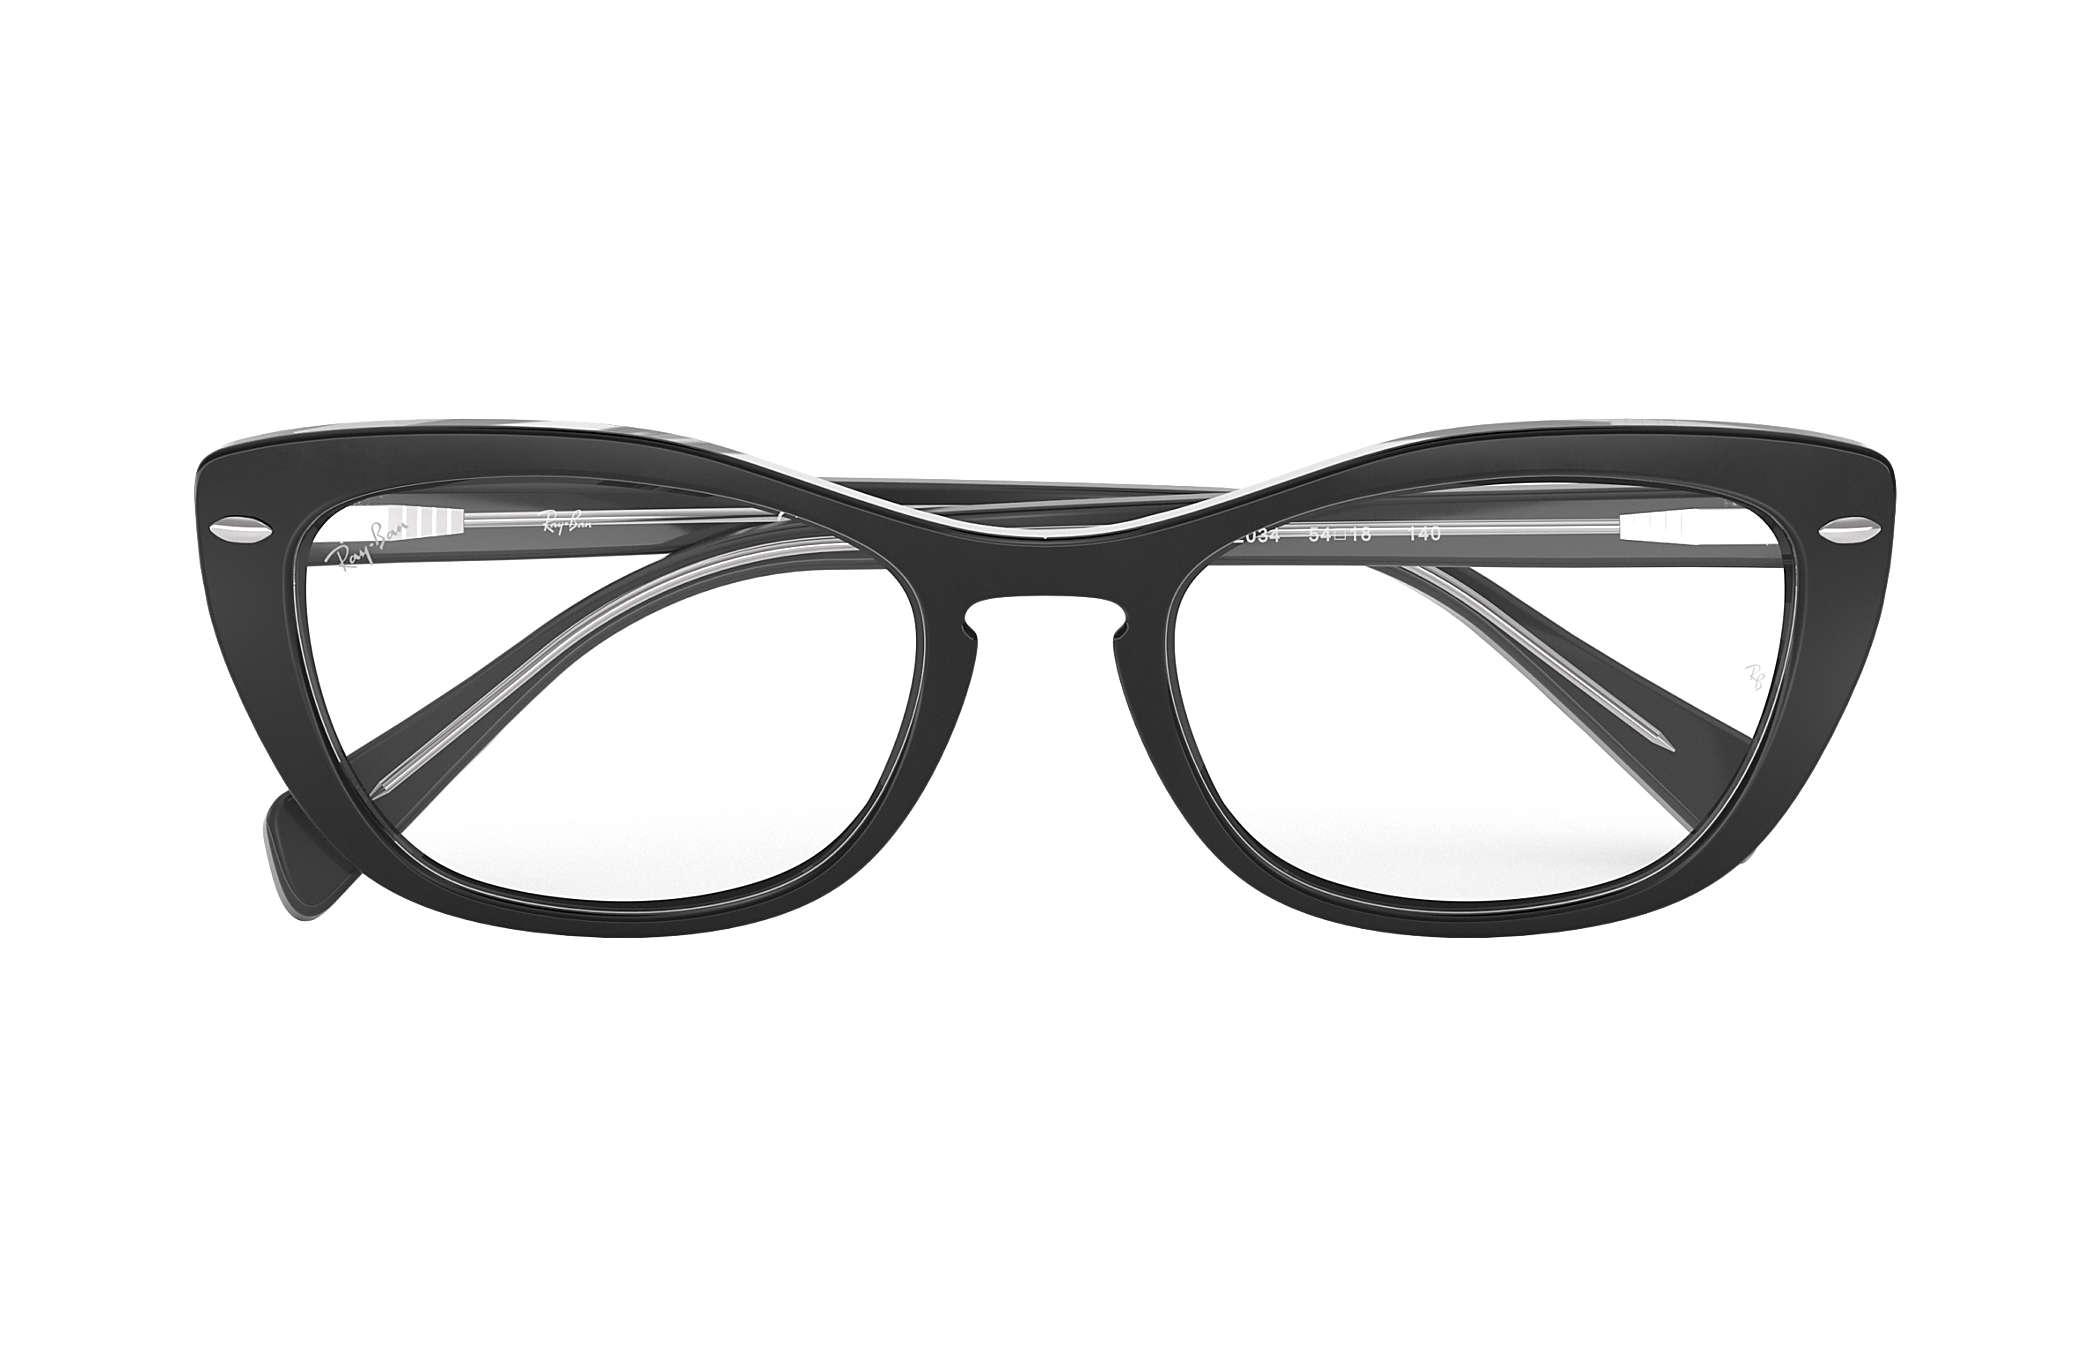 20bdf62ea2b7d Ray-Ban eyeglasses RB5366 Black - Acetate - 0RX5366203452